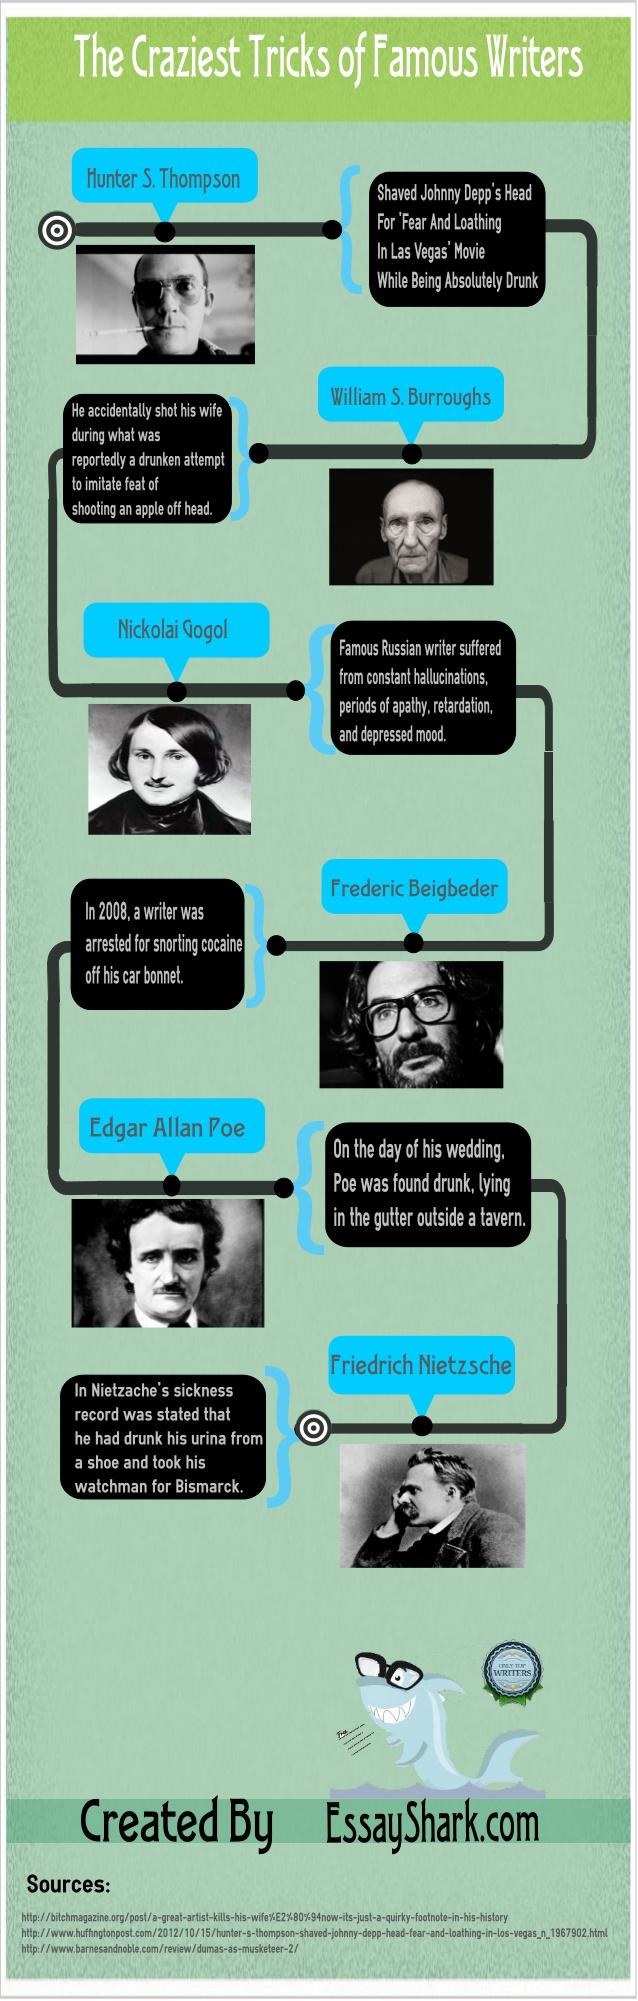 Los trucos más increíbles de escritores famosos